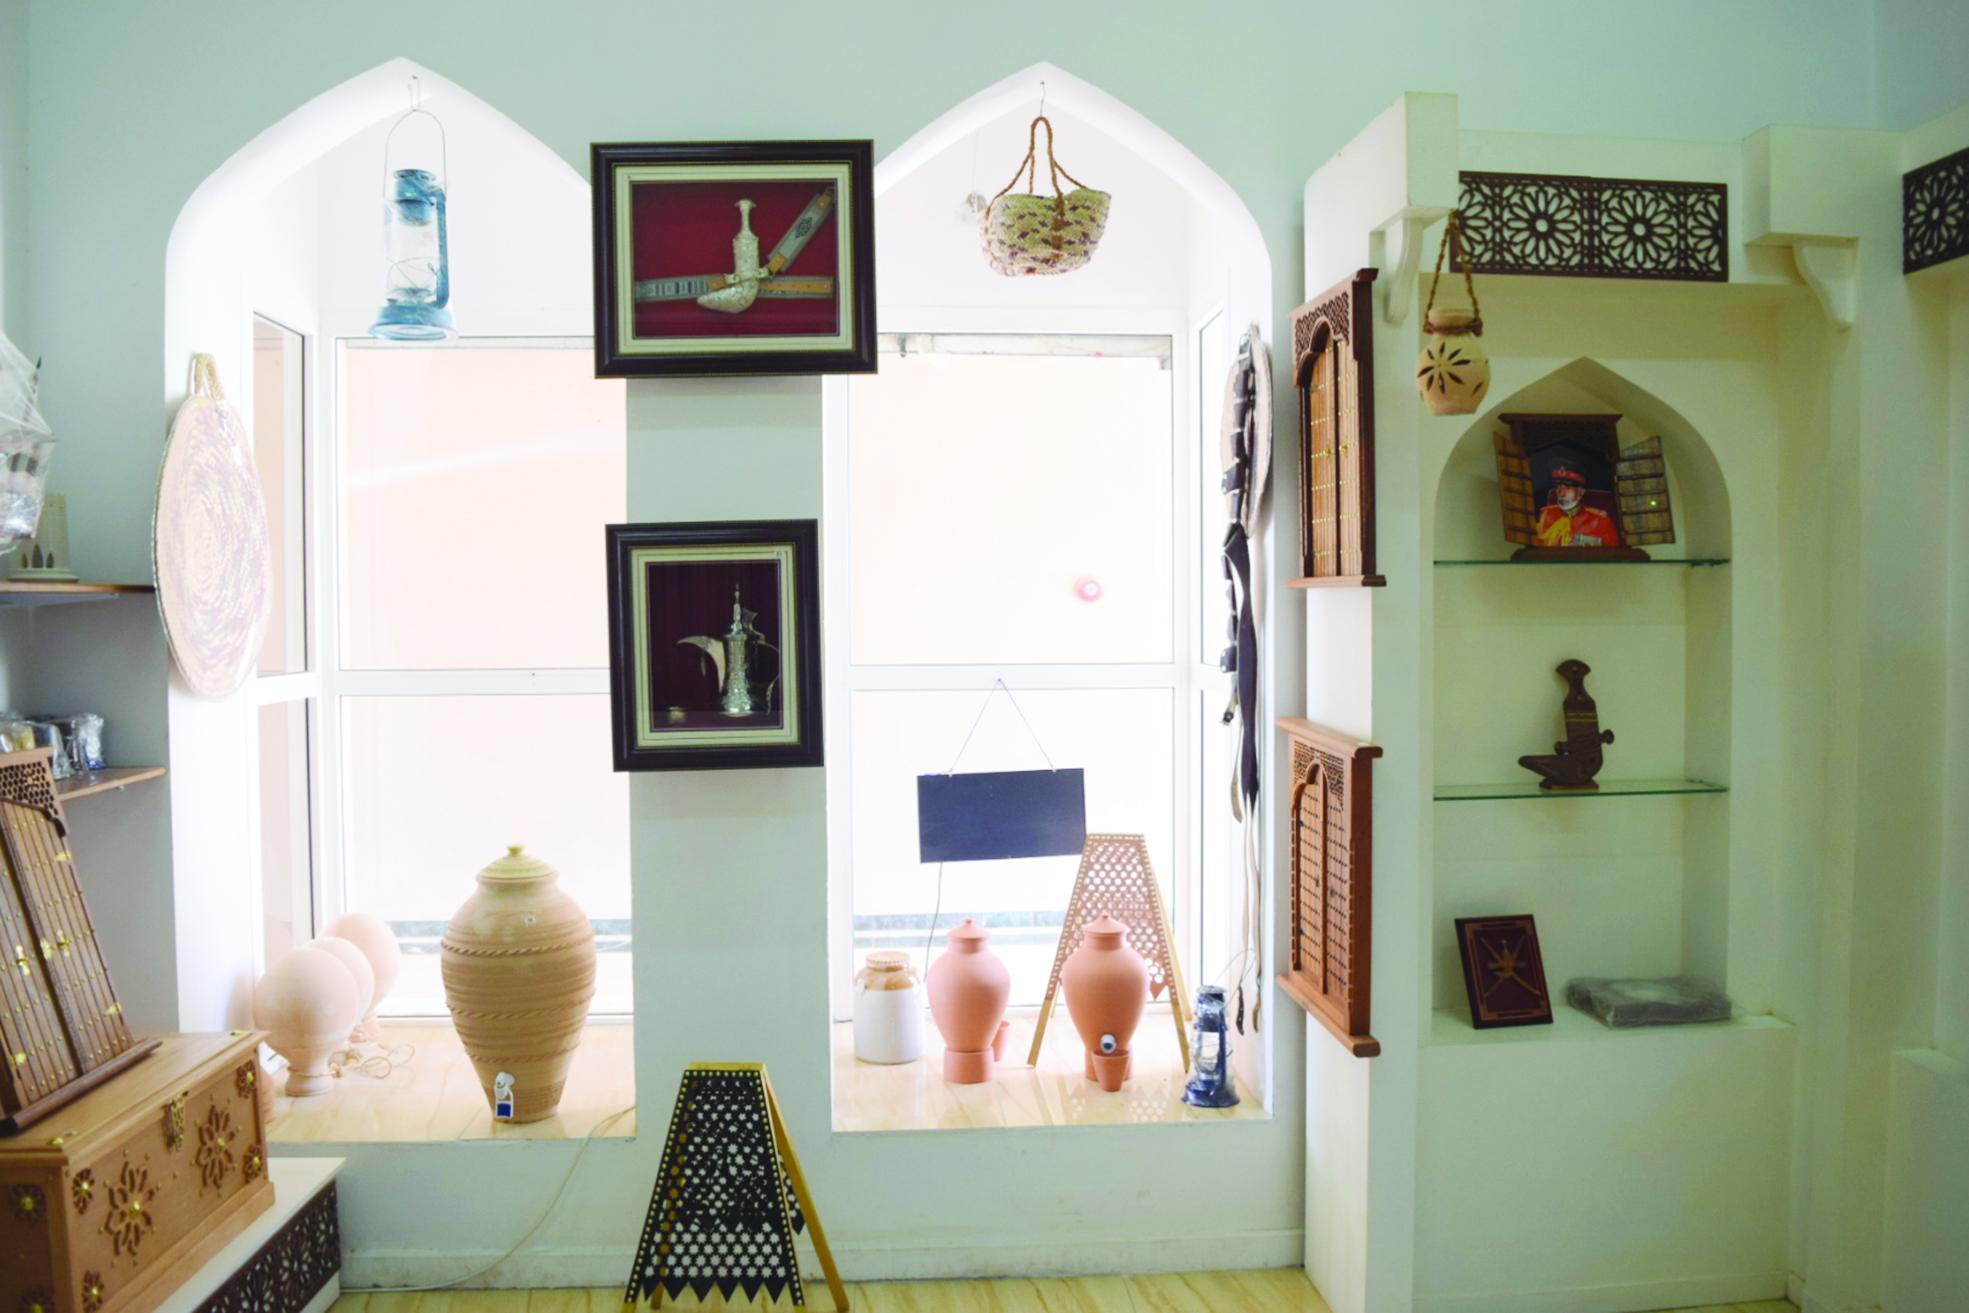 يضم أكثر من 350 منتجًا حرفيًا..البيت الحرفي العُماني بولاية صحار نافذة تسويقية للمنتجات الحرفية في السلطنة